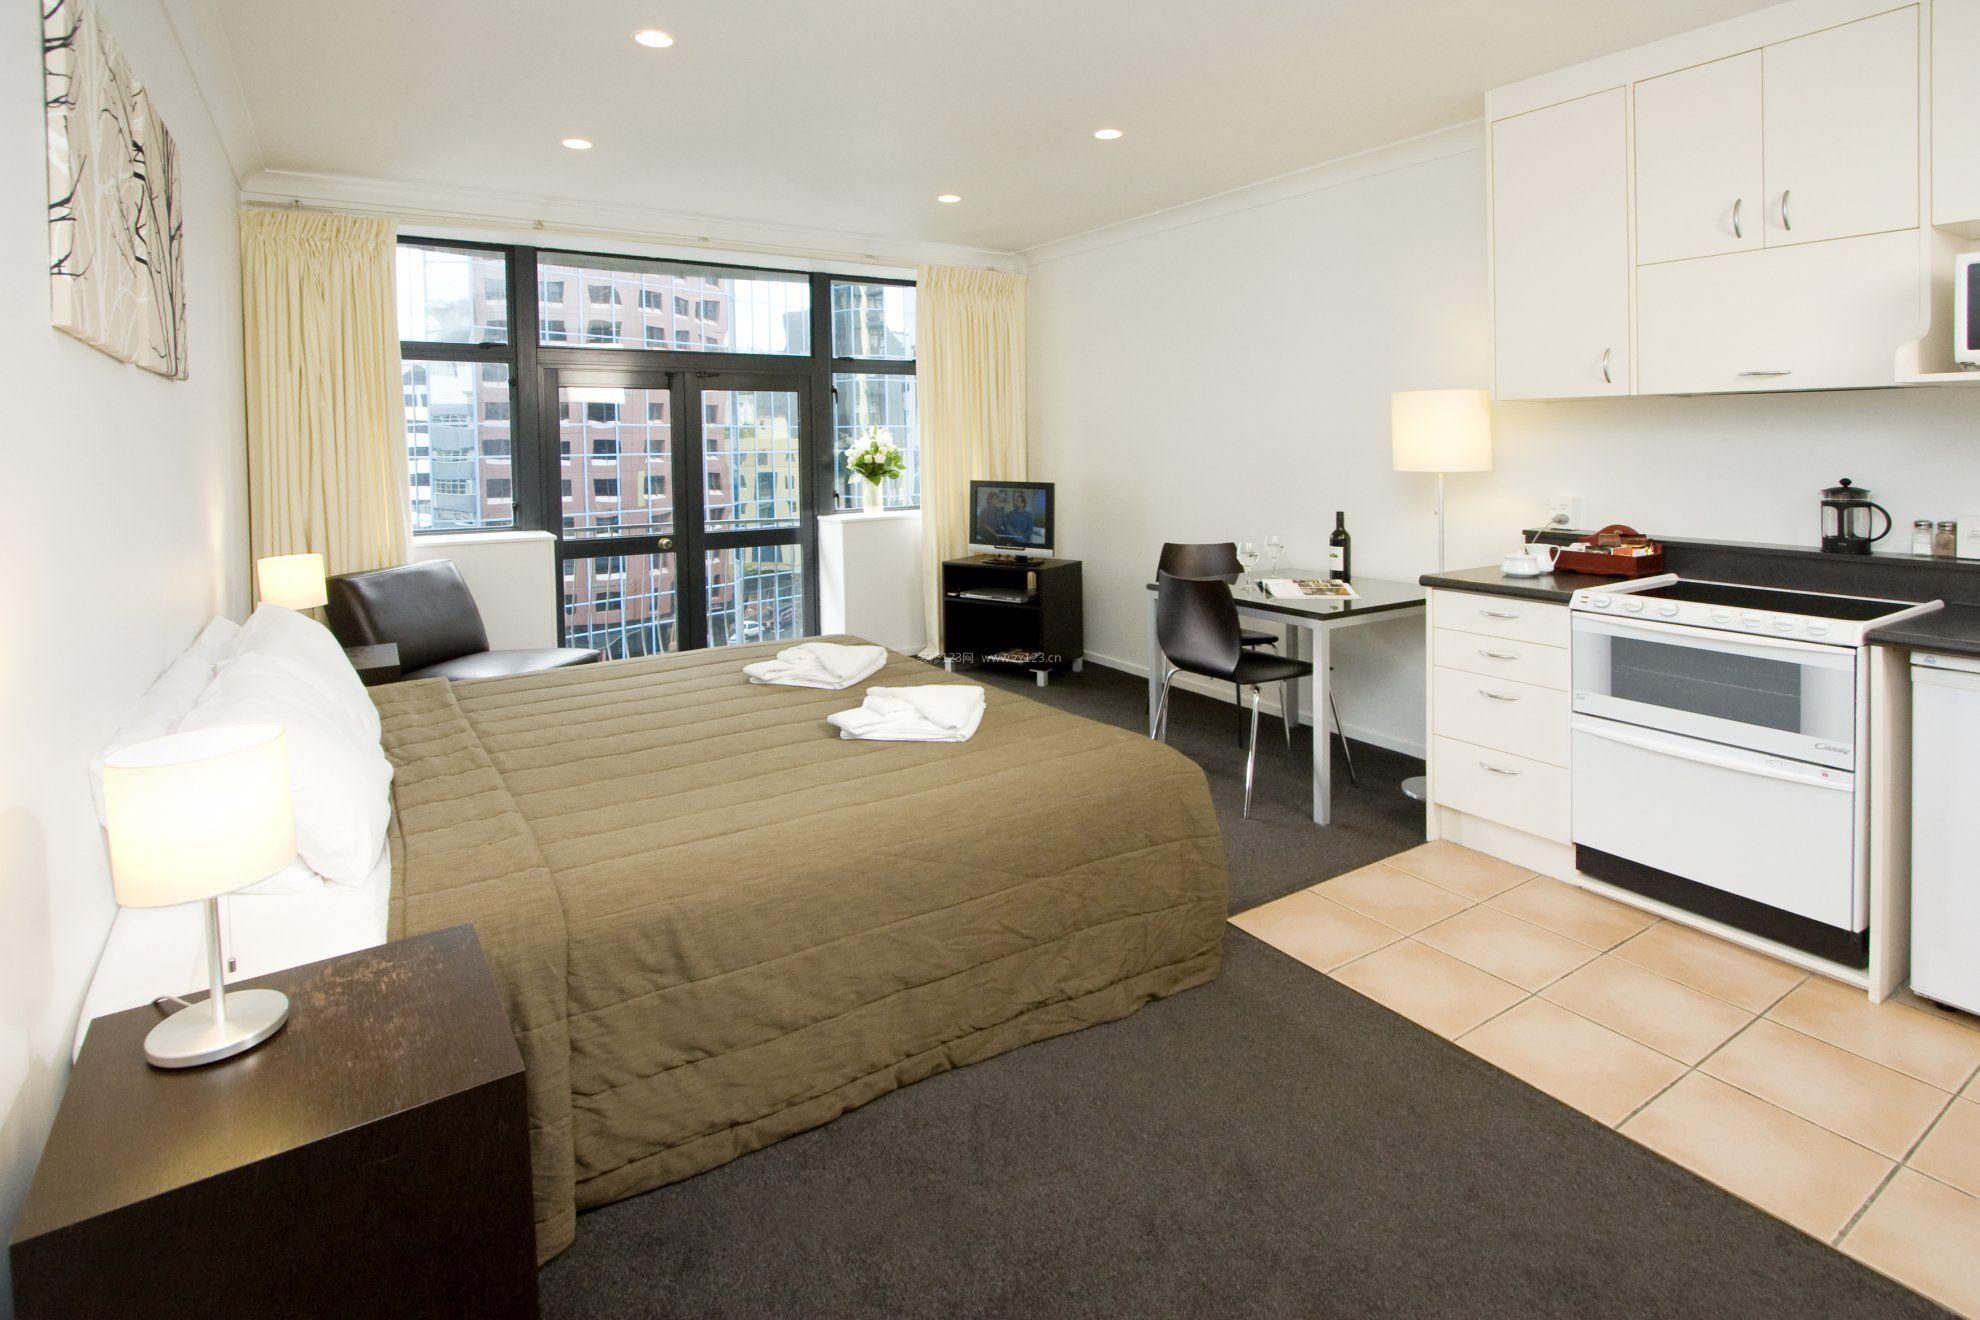 38平米一室一厅单身公寓室内装修效果图片_装